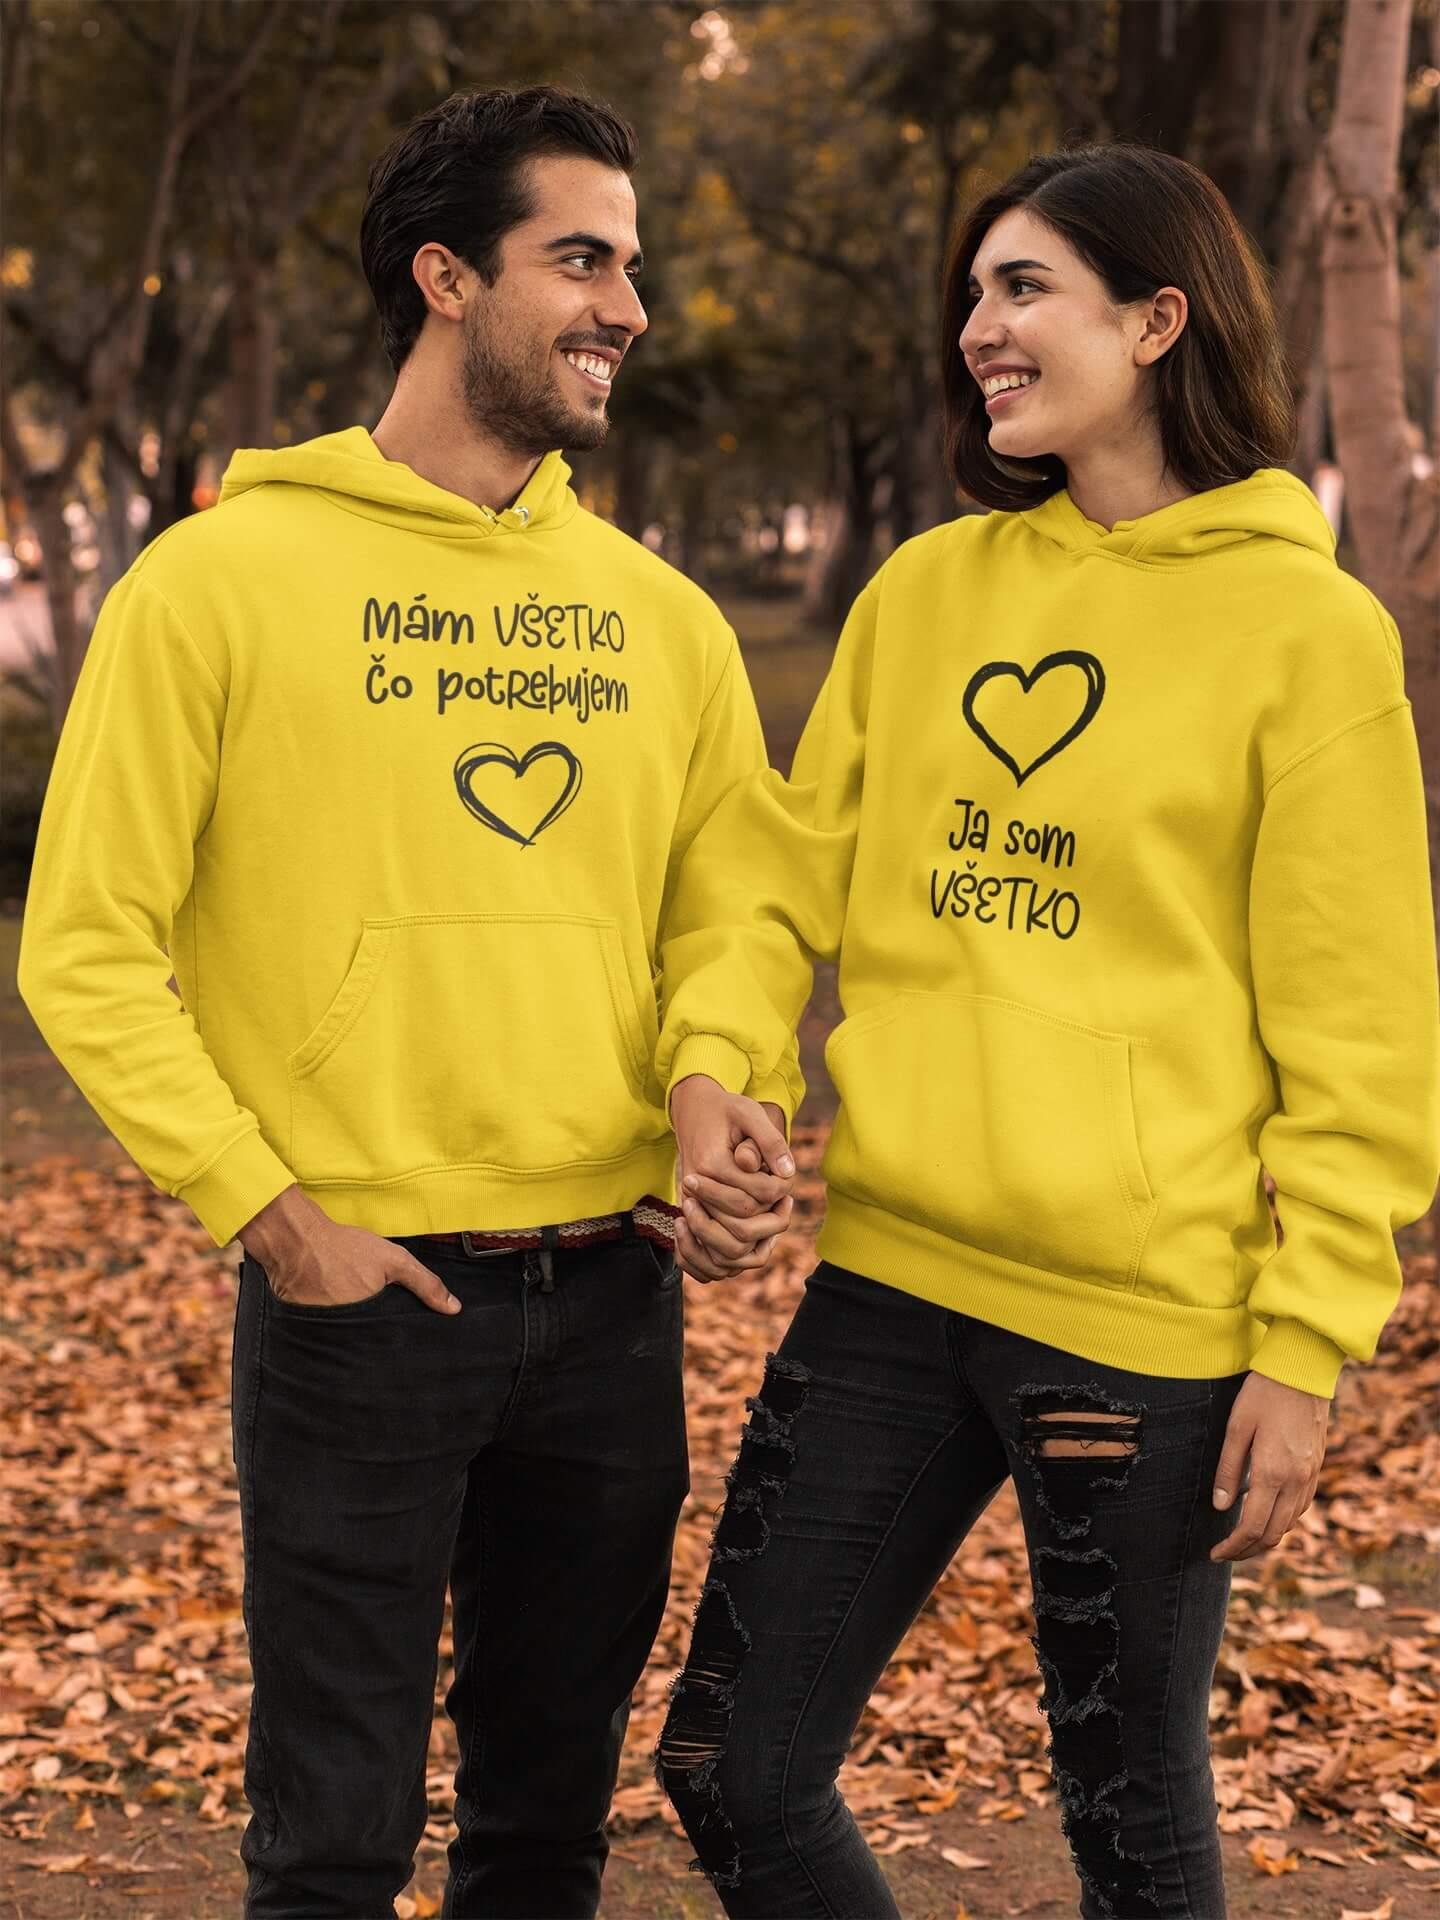 MMO Mikiny pre páry Všetko Farba: Žltá, Dámska veľkosť: S, Pánska veľkosť: S